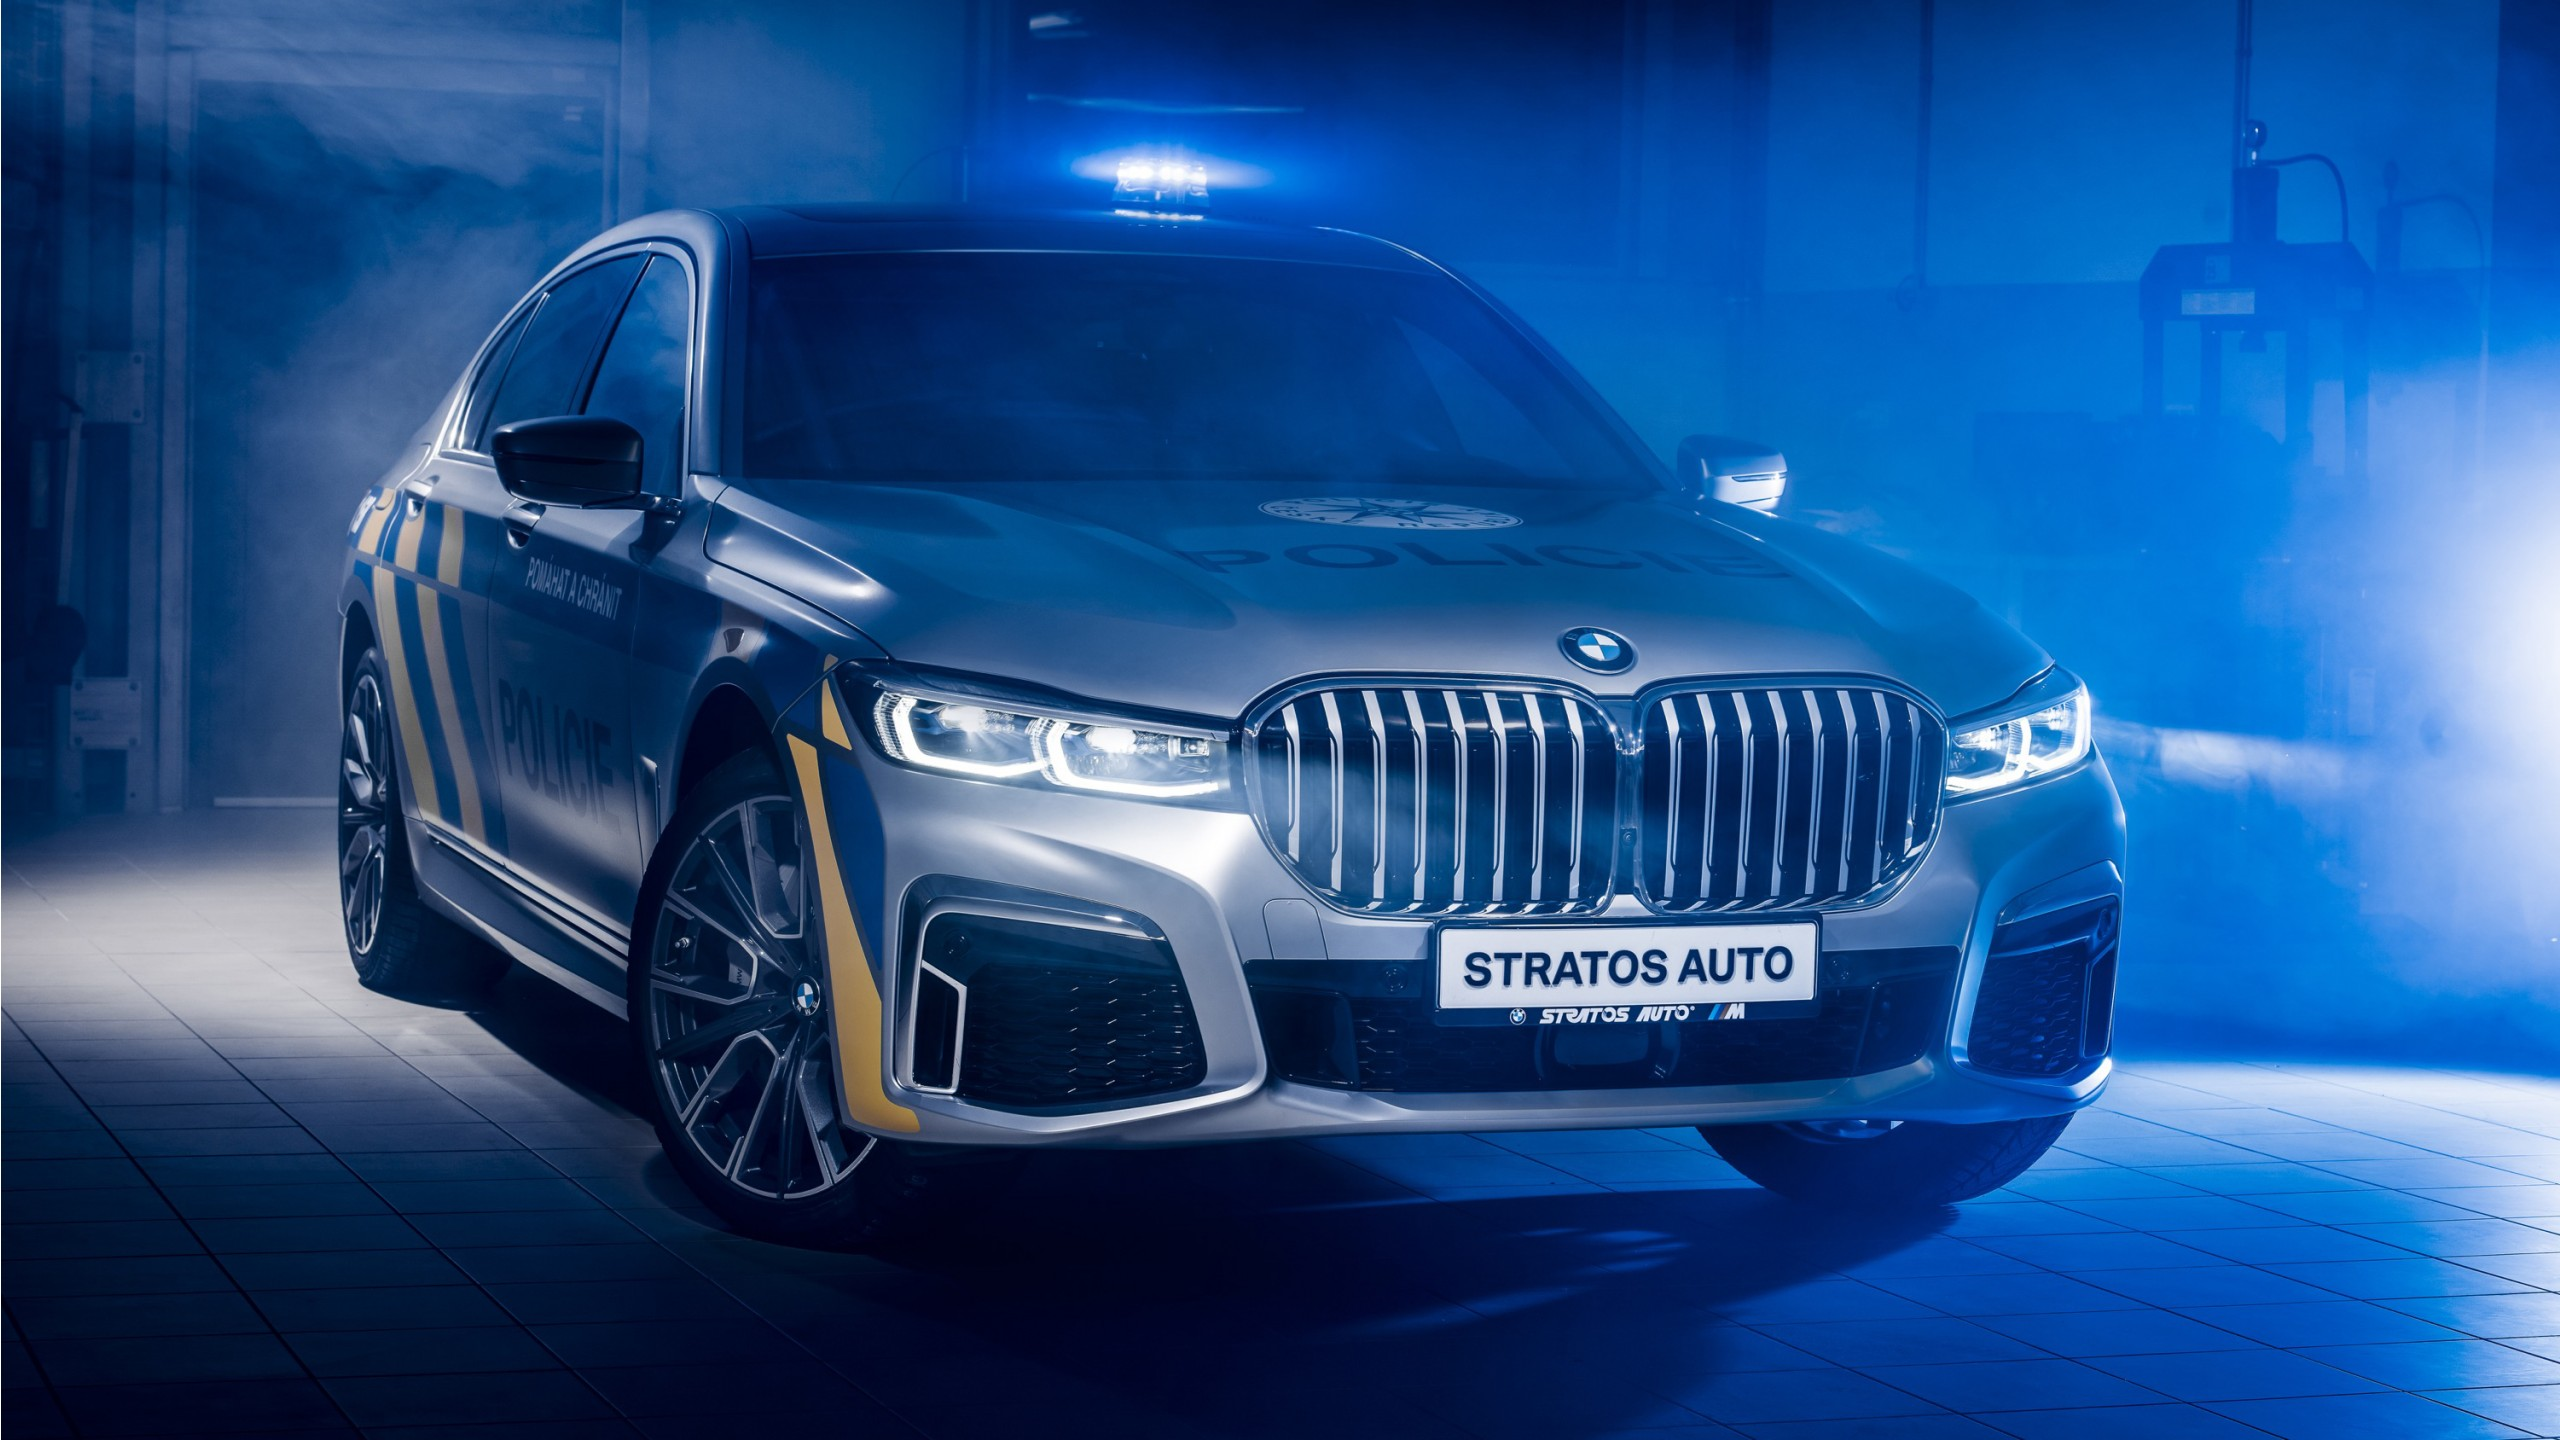 BMW 745Le xDrive M Sport Policie 2019 Wallpaper   HD Car ...